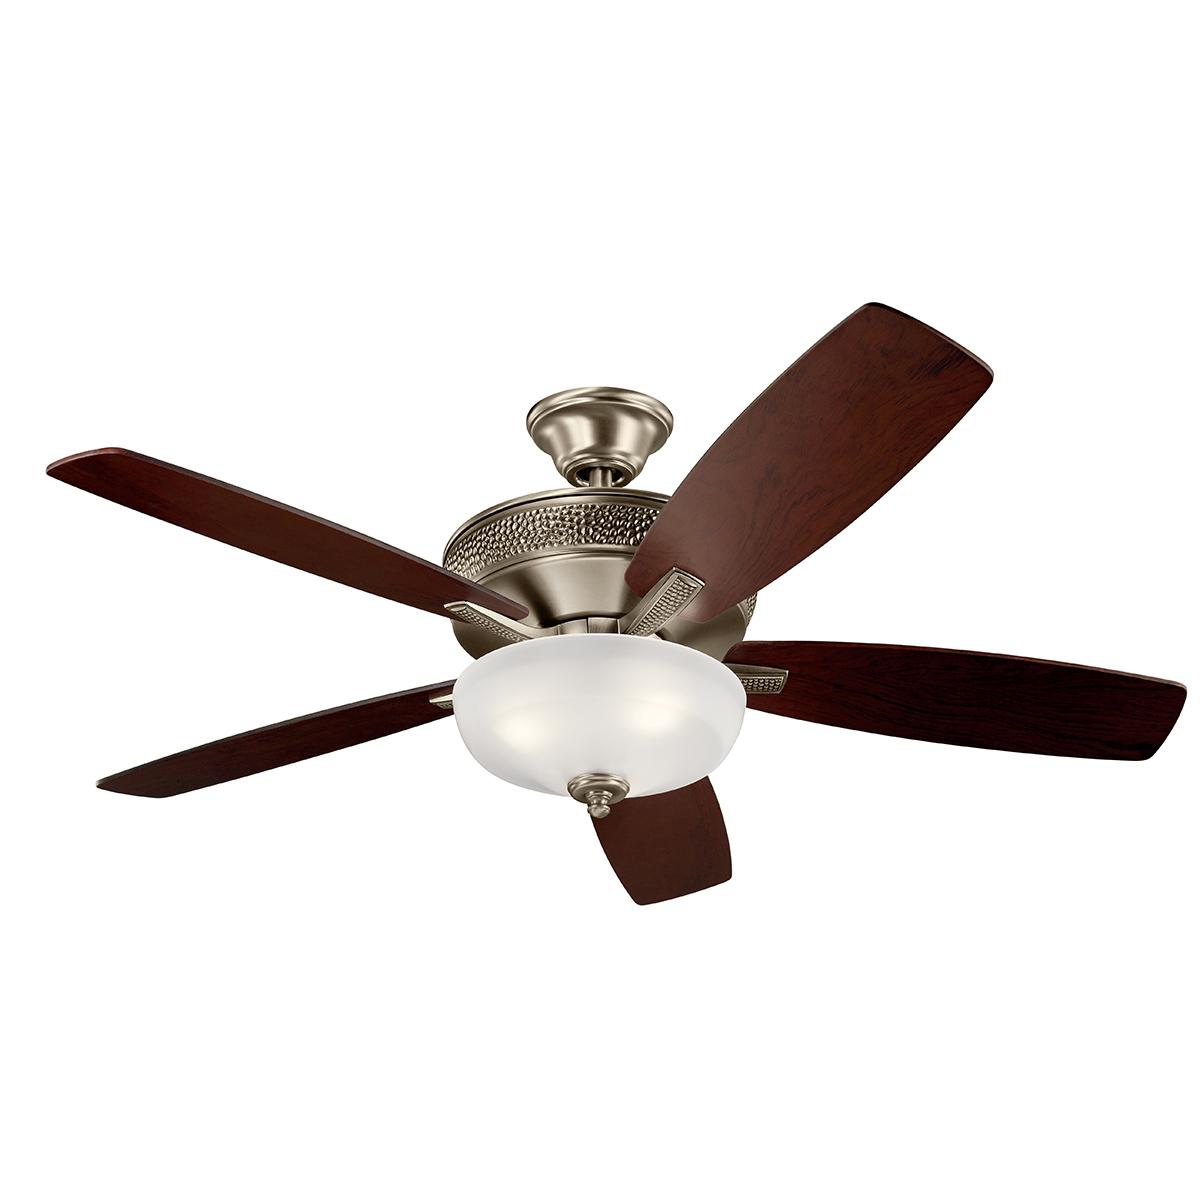 52In Monarch II Select Fan LED